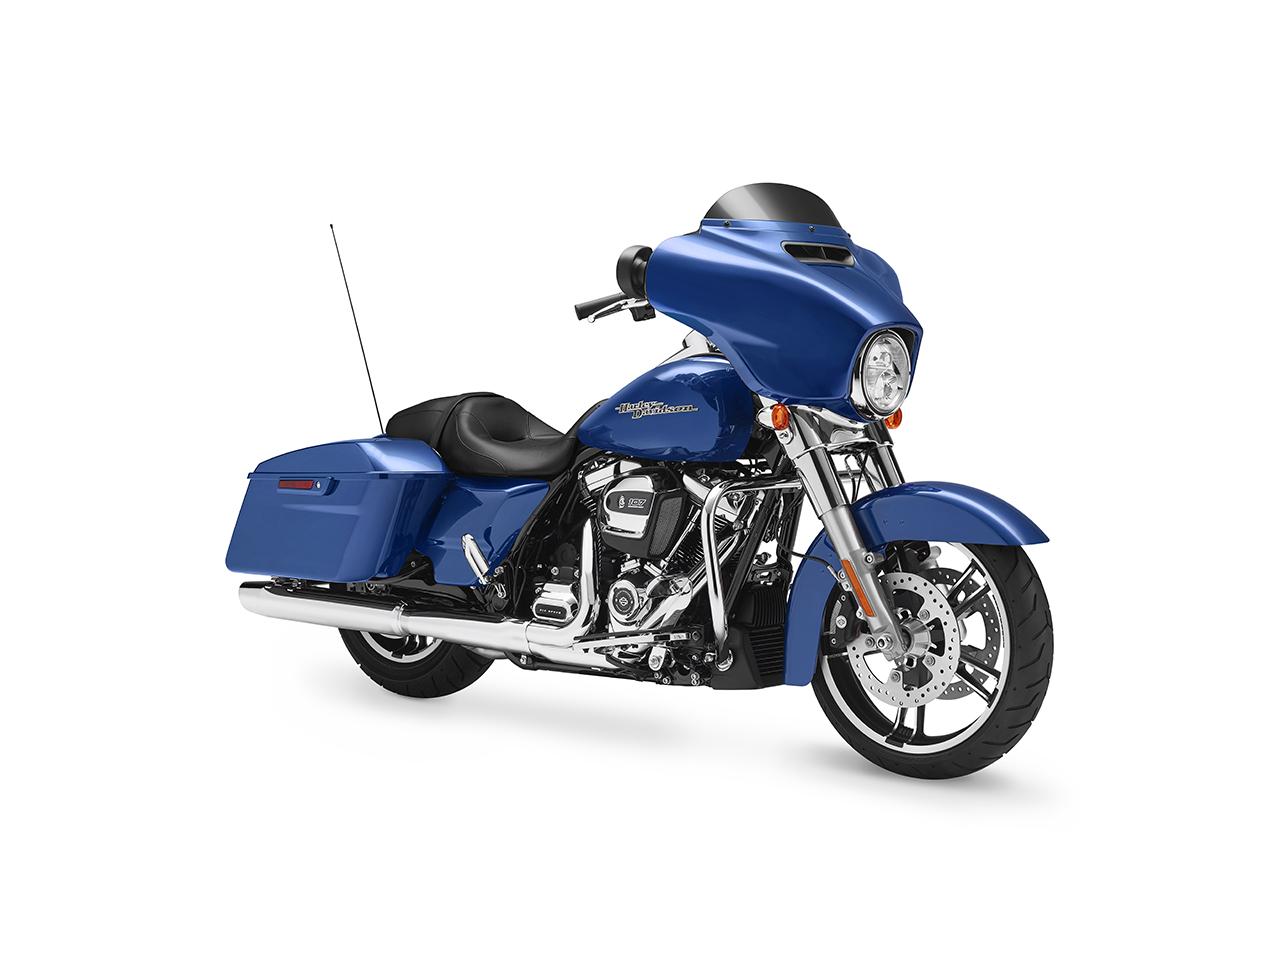 2018 Harley-Davidson Street Glide Special Image